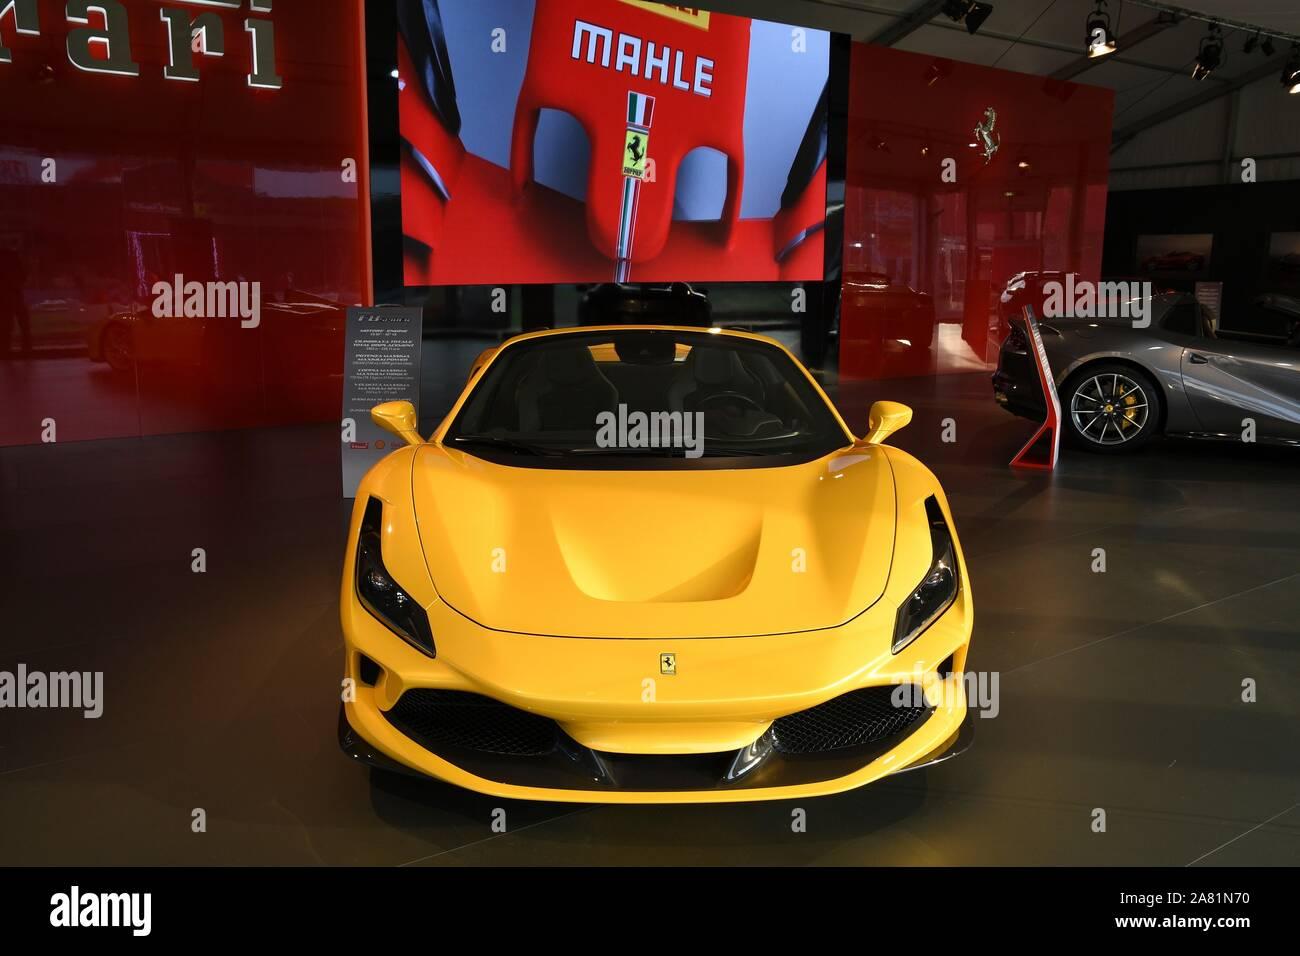 Mugello 25 Oktober 2019 Ferrari F8 Spyder Auf Dem Display Während Finali Mondiali Ferrari 2019 In Mugello In Italien Stockfotografie Alamy